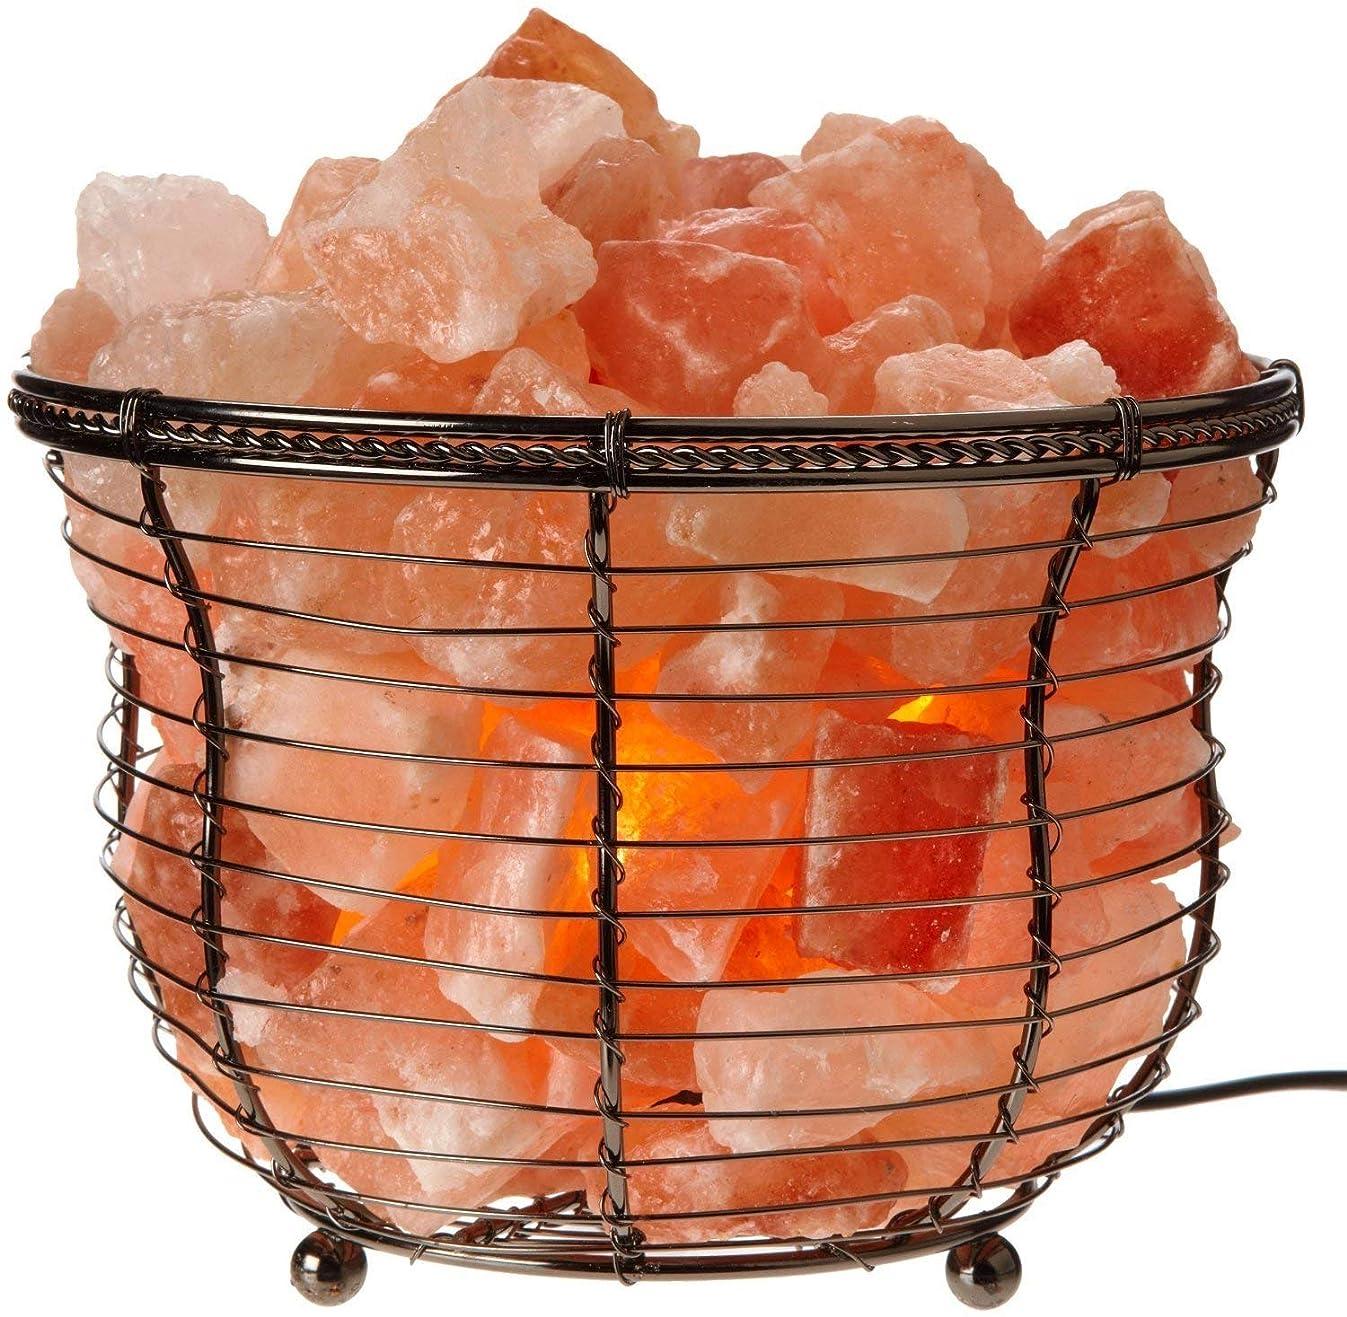 Himalayan Glow HS-1301B Tall Round Natural Salt Lamp, 8-10 LBS, Amber Glow